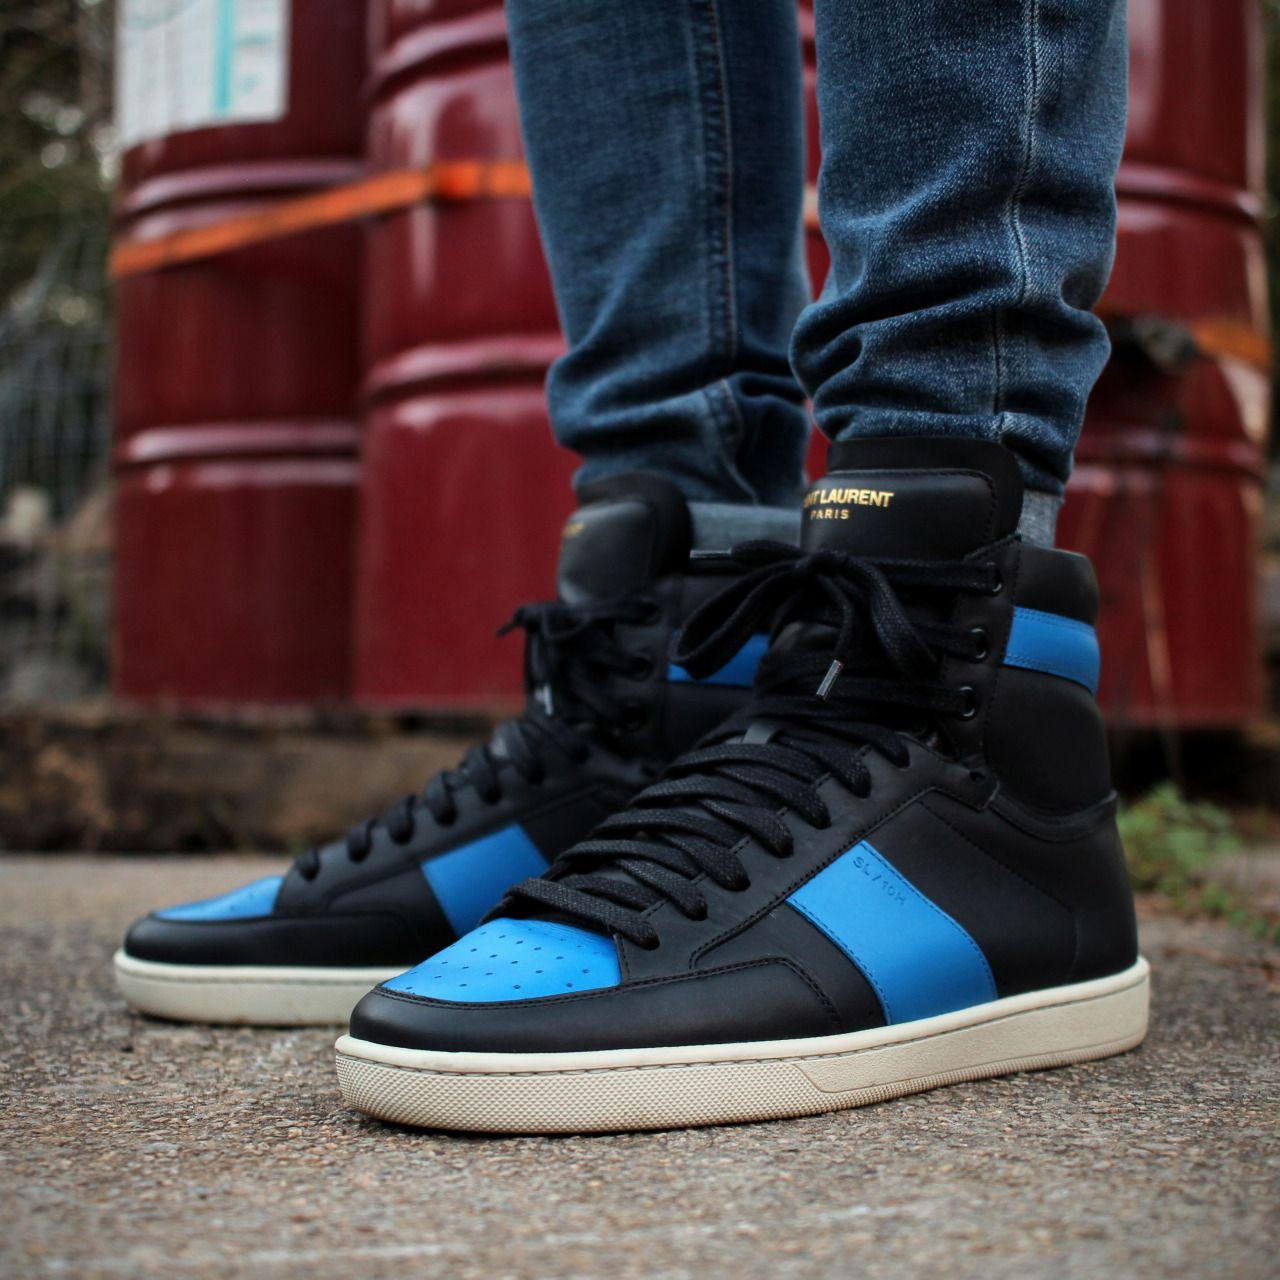 #wdywt Saint Laurent SL/10H - Black/Blue